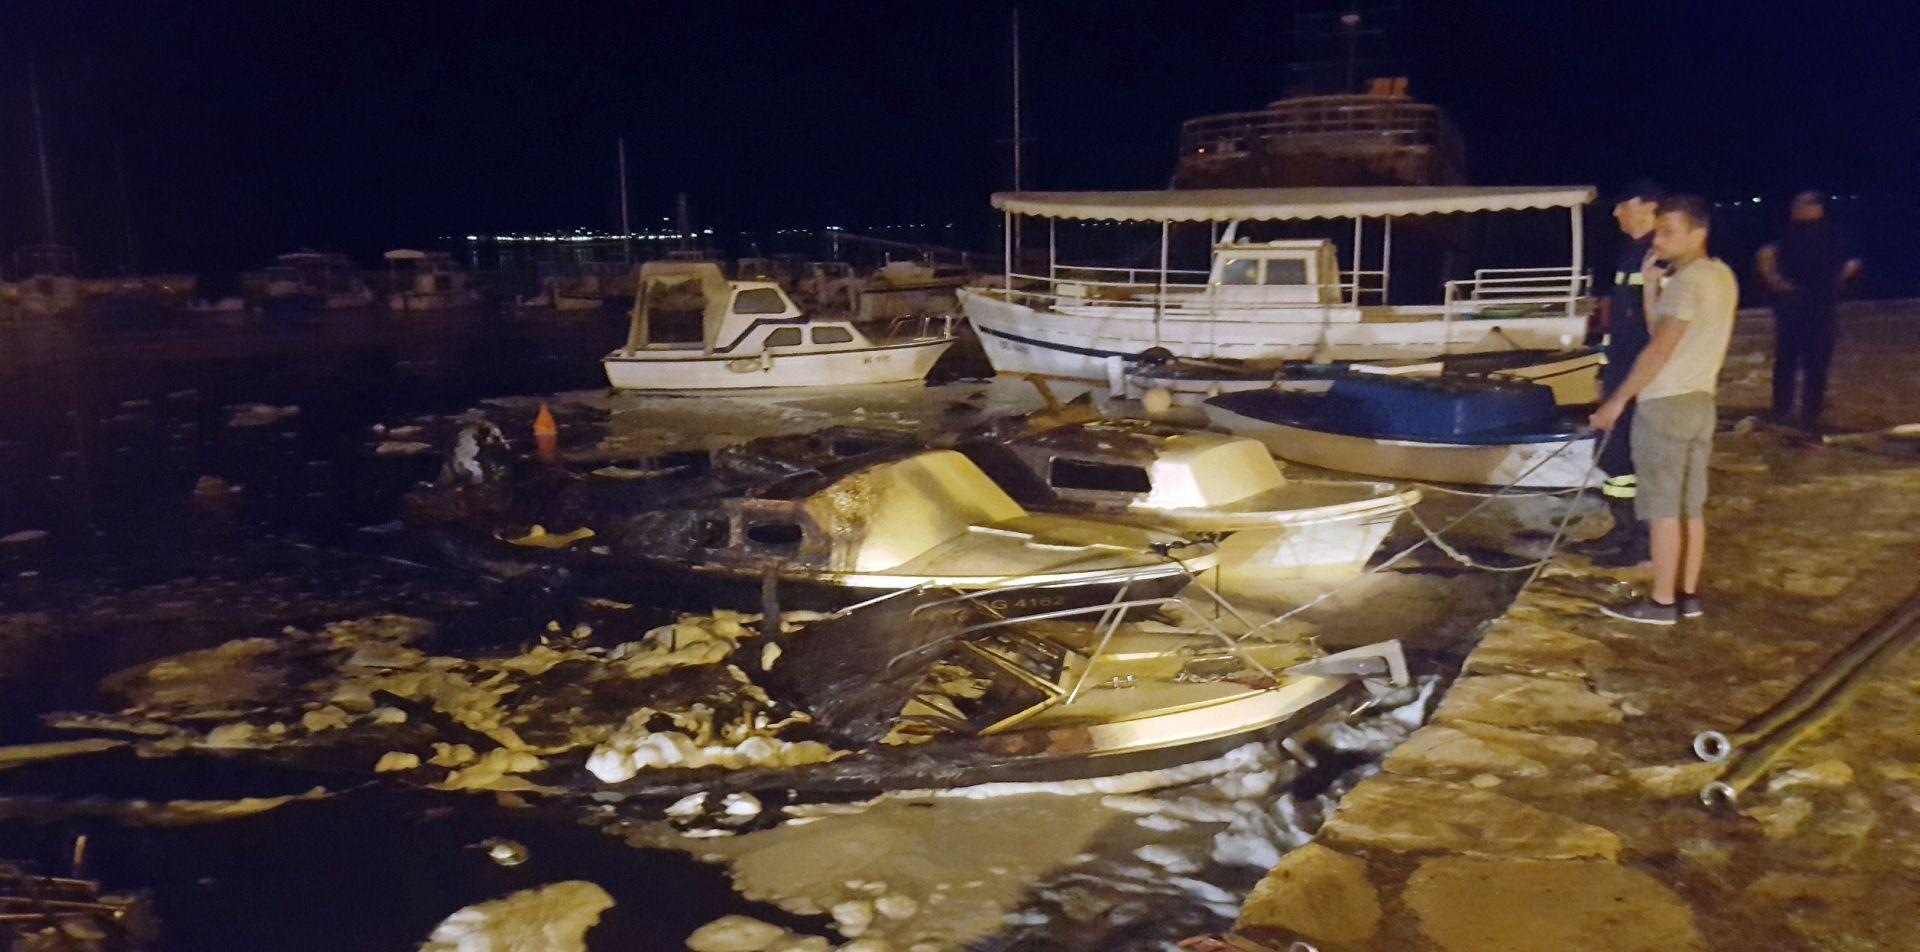 Tehnički kvar uzrok požara na brodicama u Sv. Filipu i Jakovu